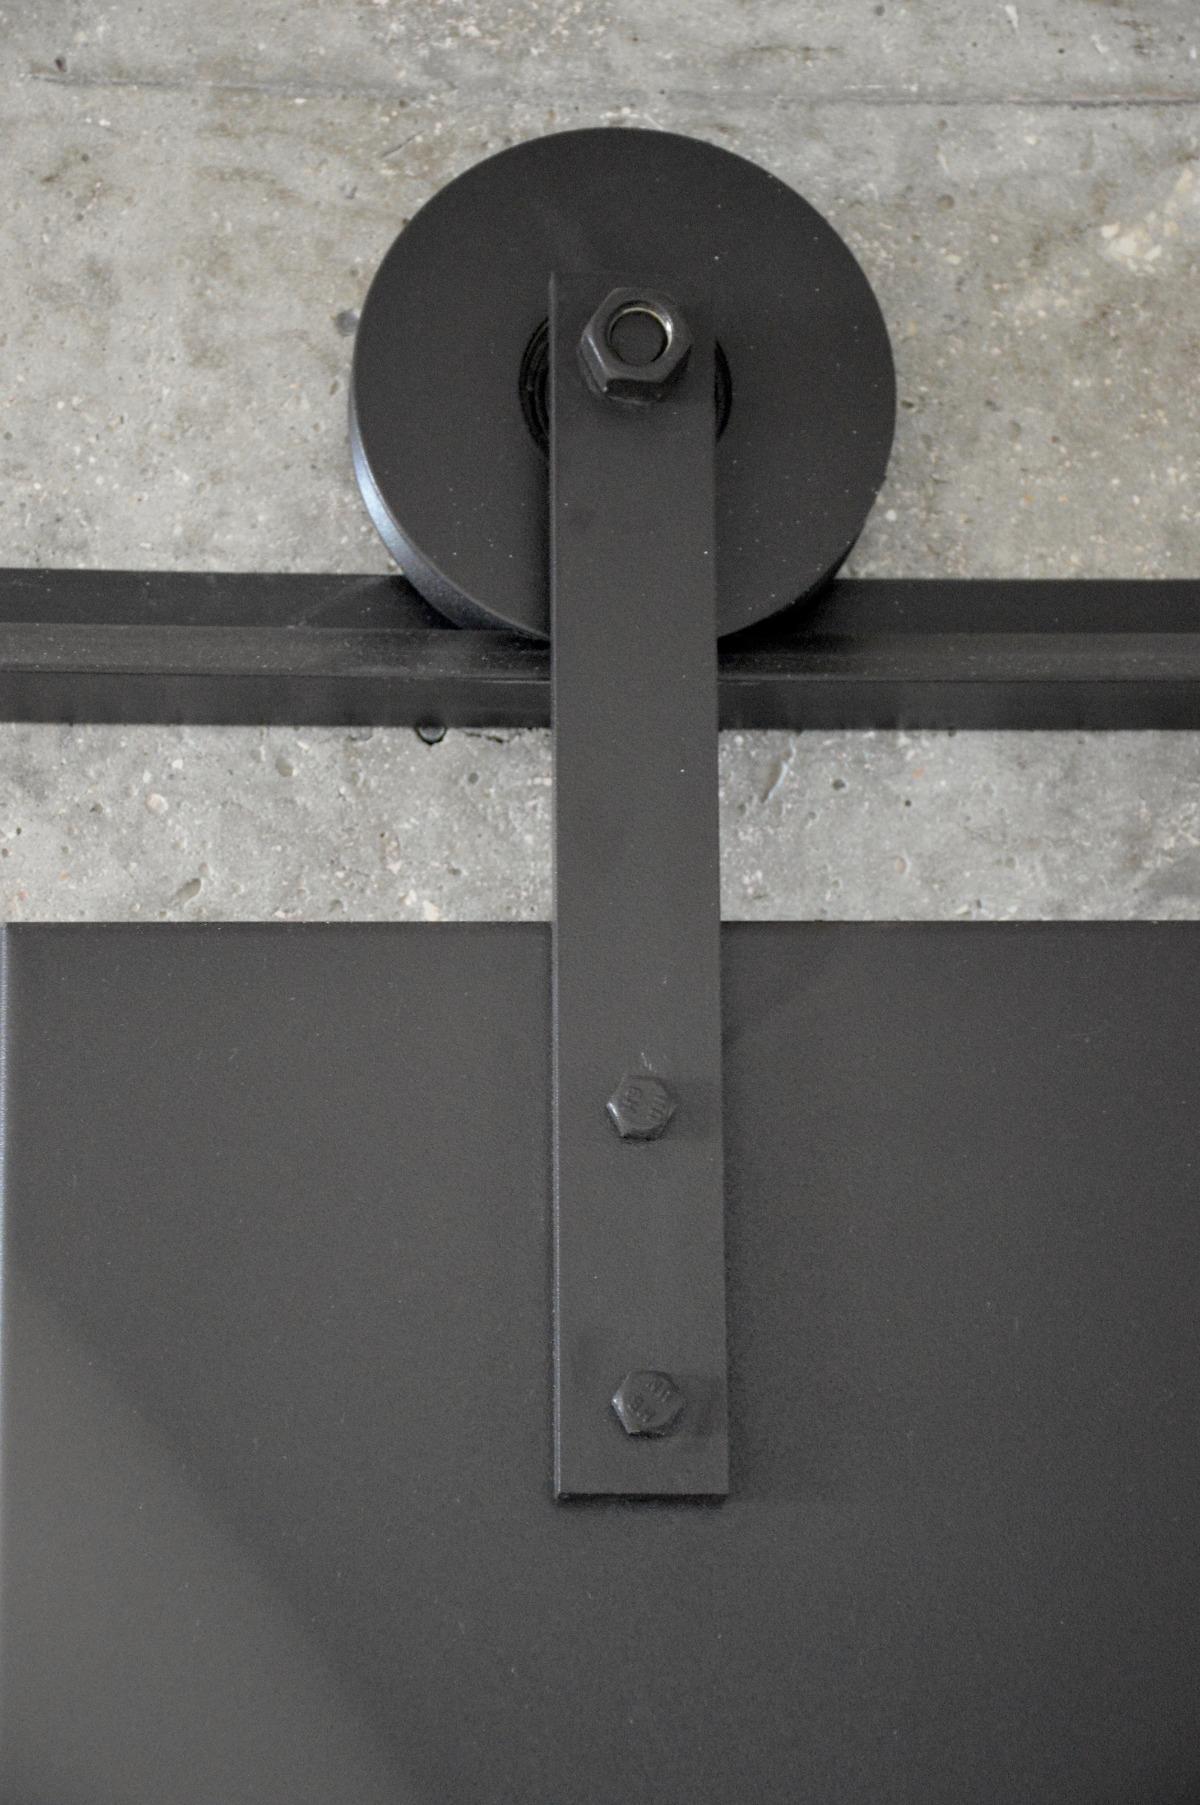 דלת הזזה (דלת אסם)